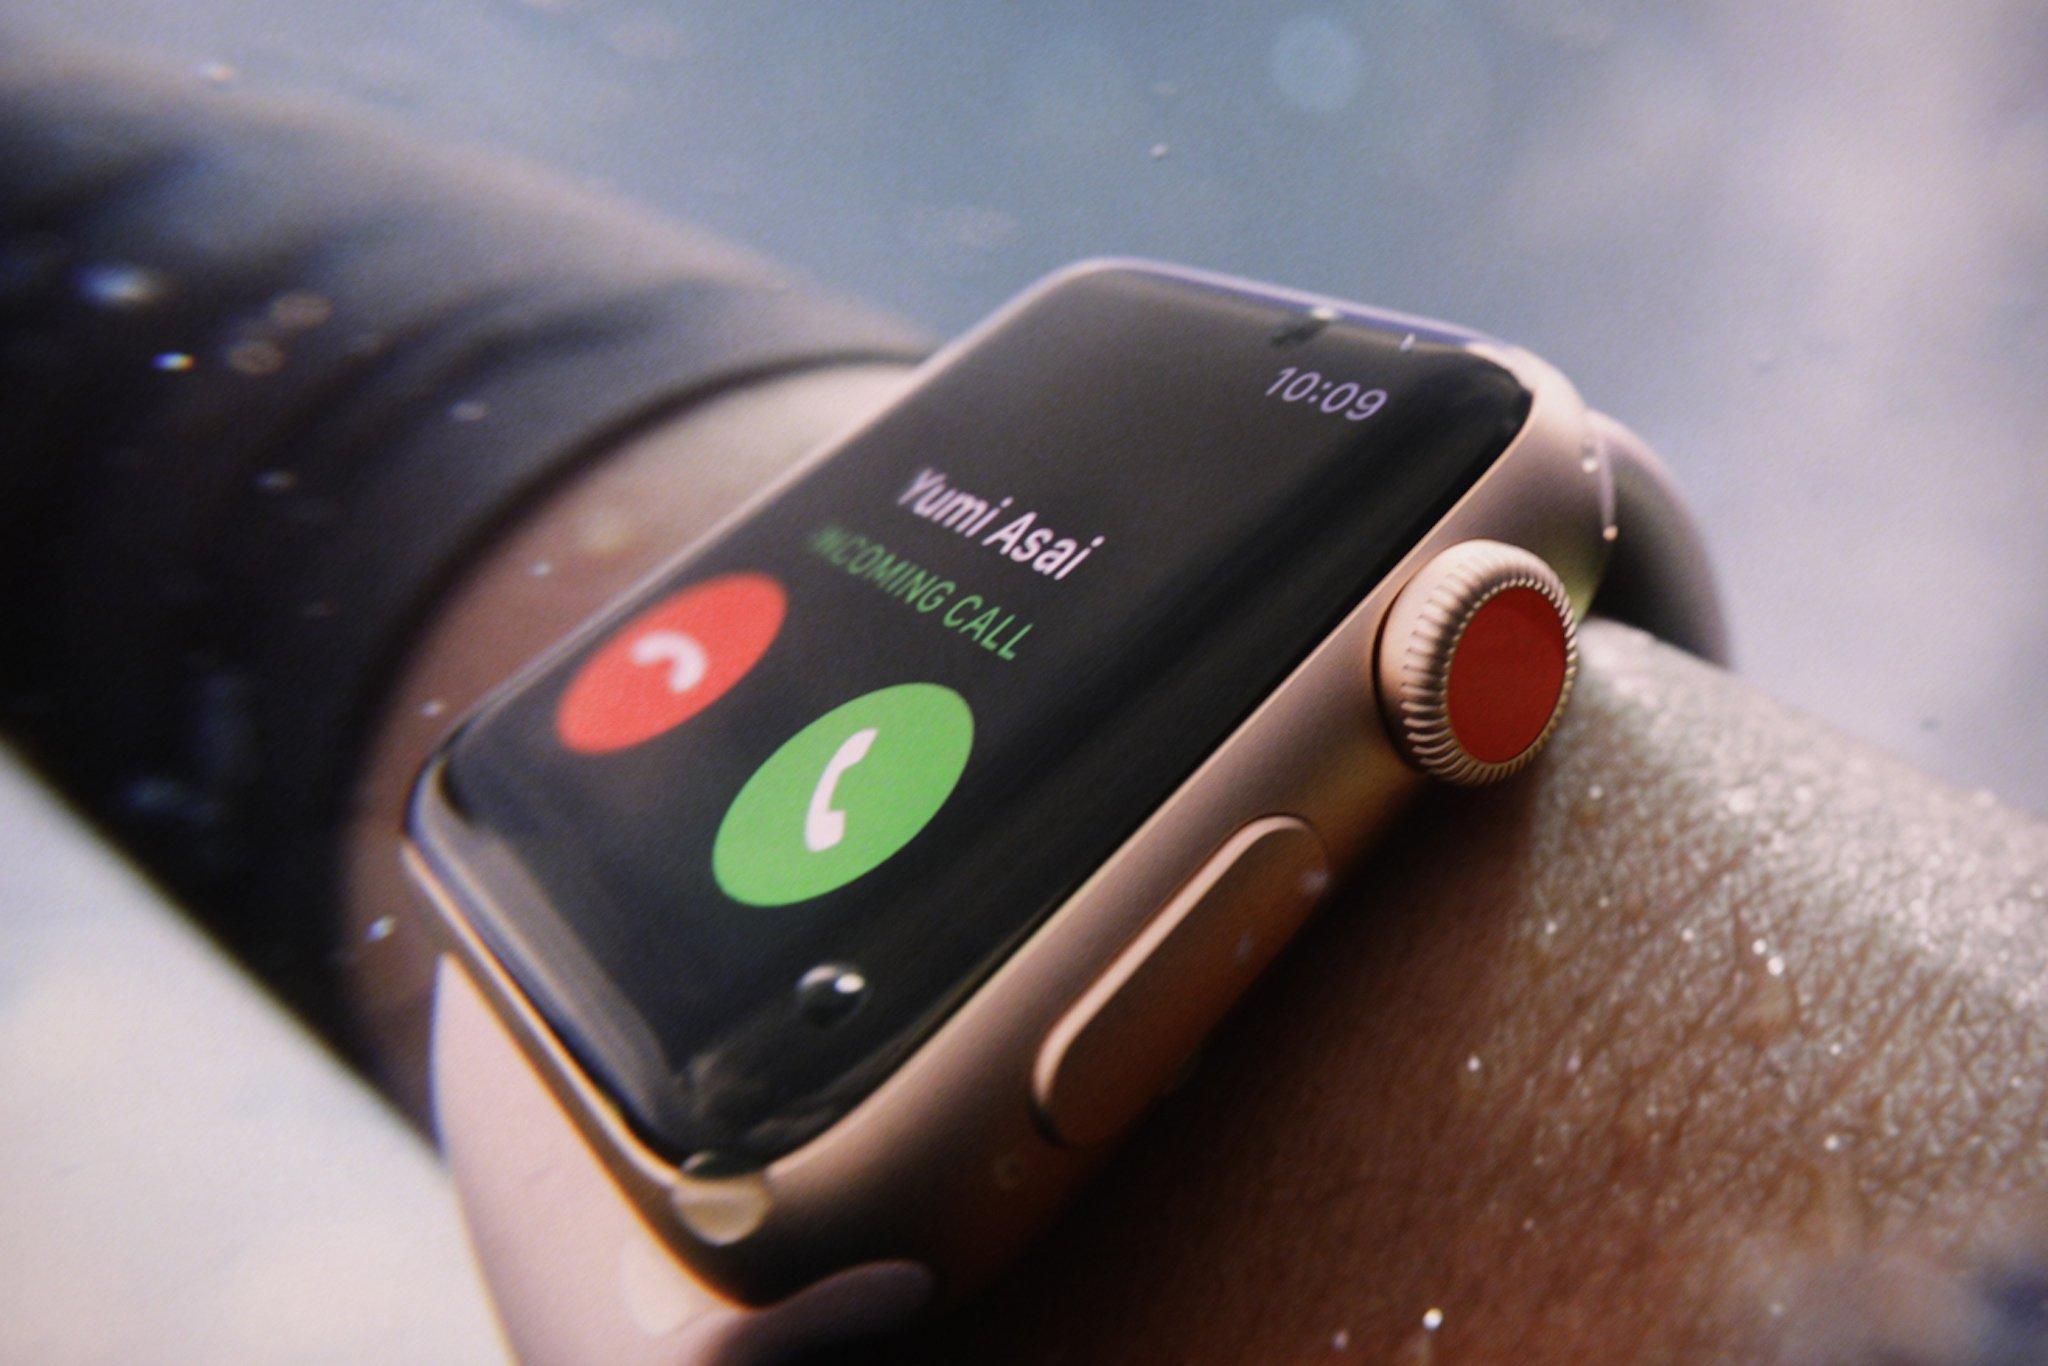 Apple Watch Series 3: Hỗ trợ LTE, chip W2 mạnh hơn 70%, giá từ 329 USD hình 3